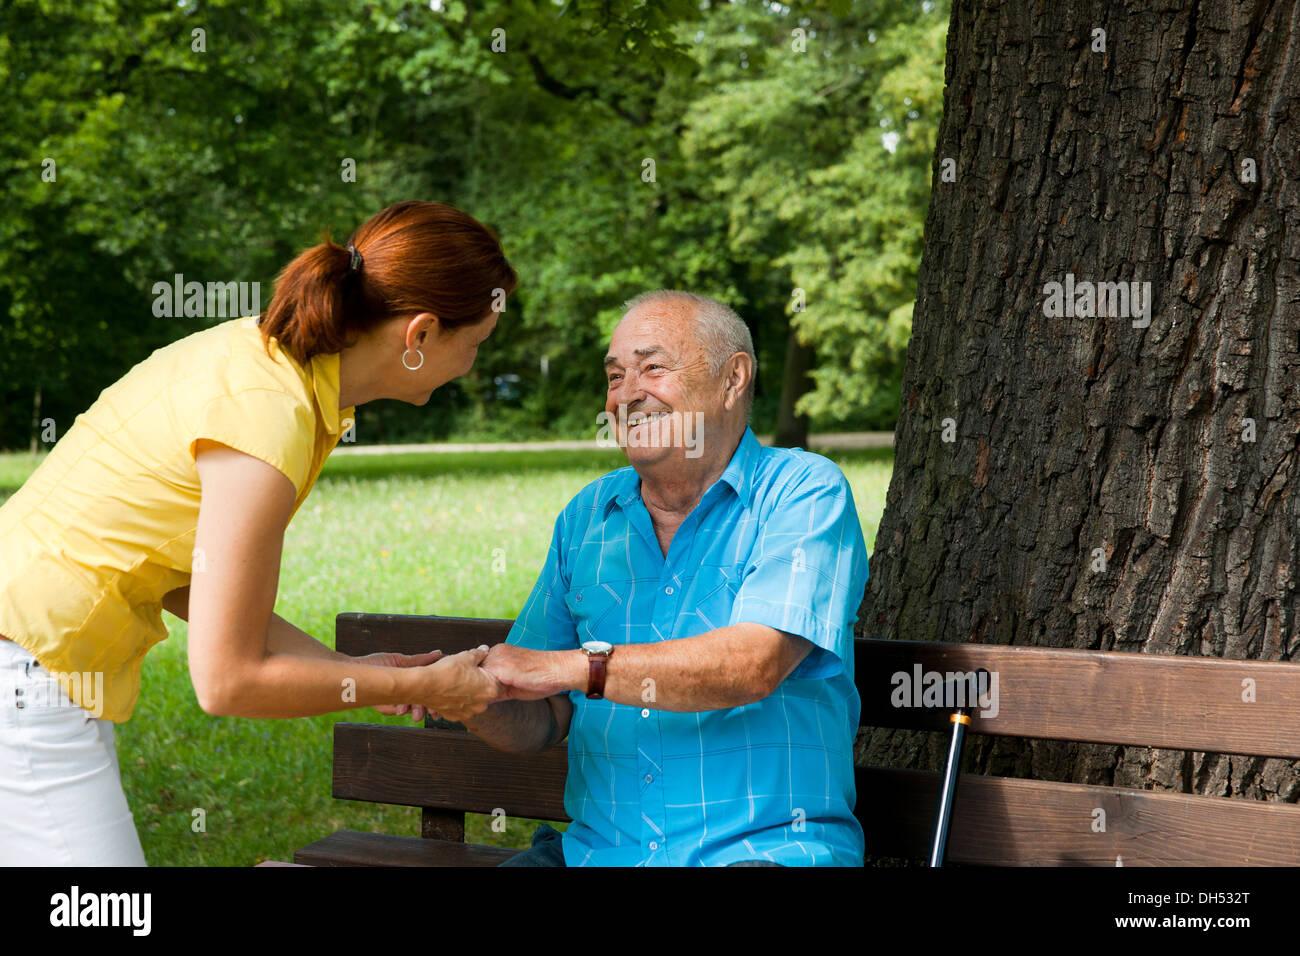 Frauen auf der Suche nach ein älterer Mann sitzt auf einer